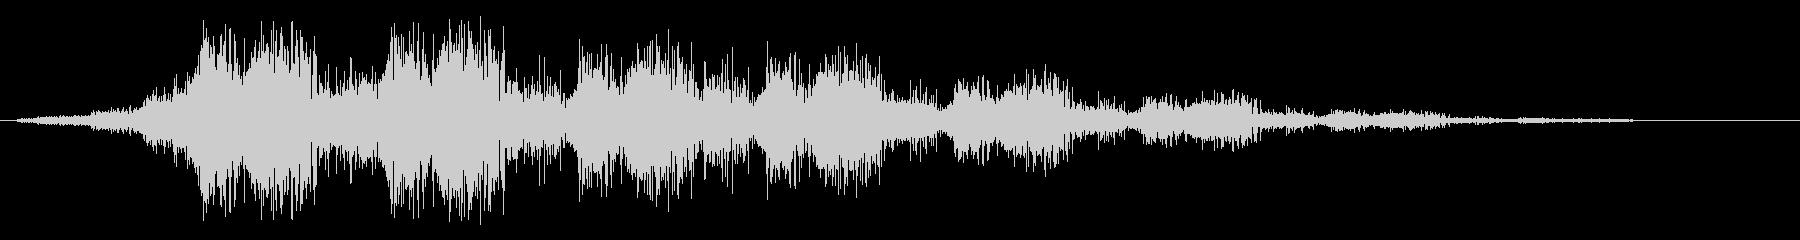 シュルルルル(ロープを巻くような音)の未再生の波形